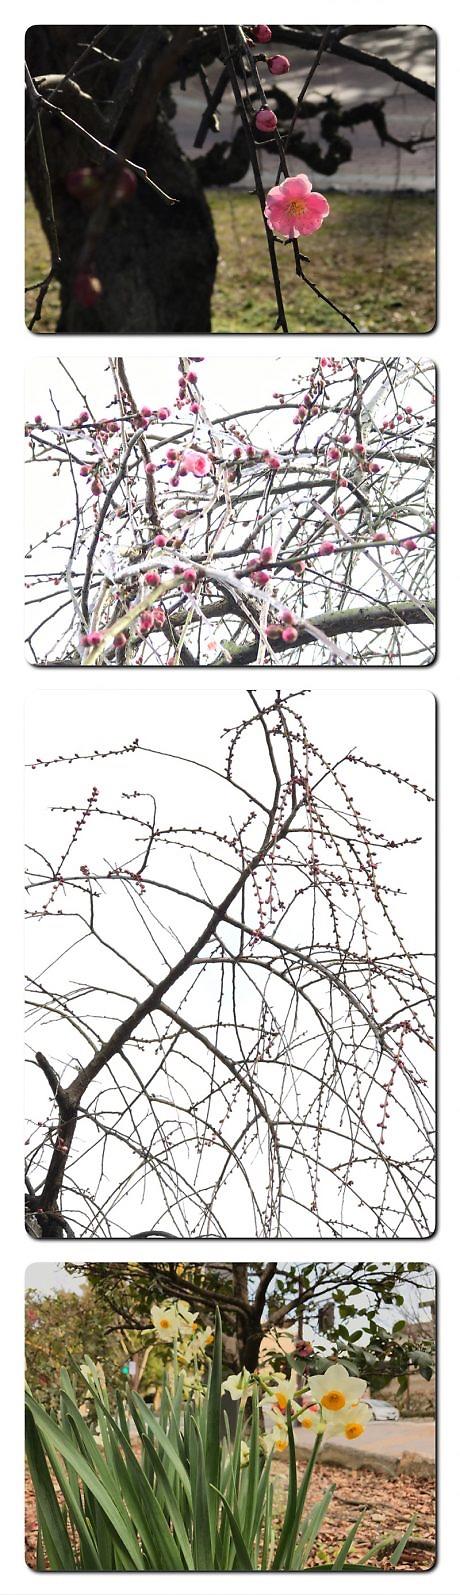 石山公園の枝垂れ梅つぼみ膨らむ